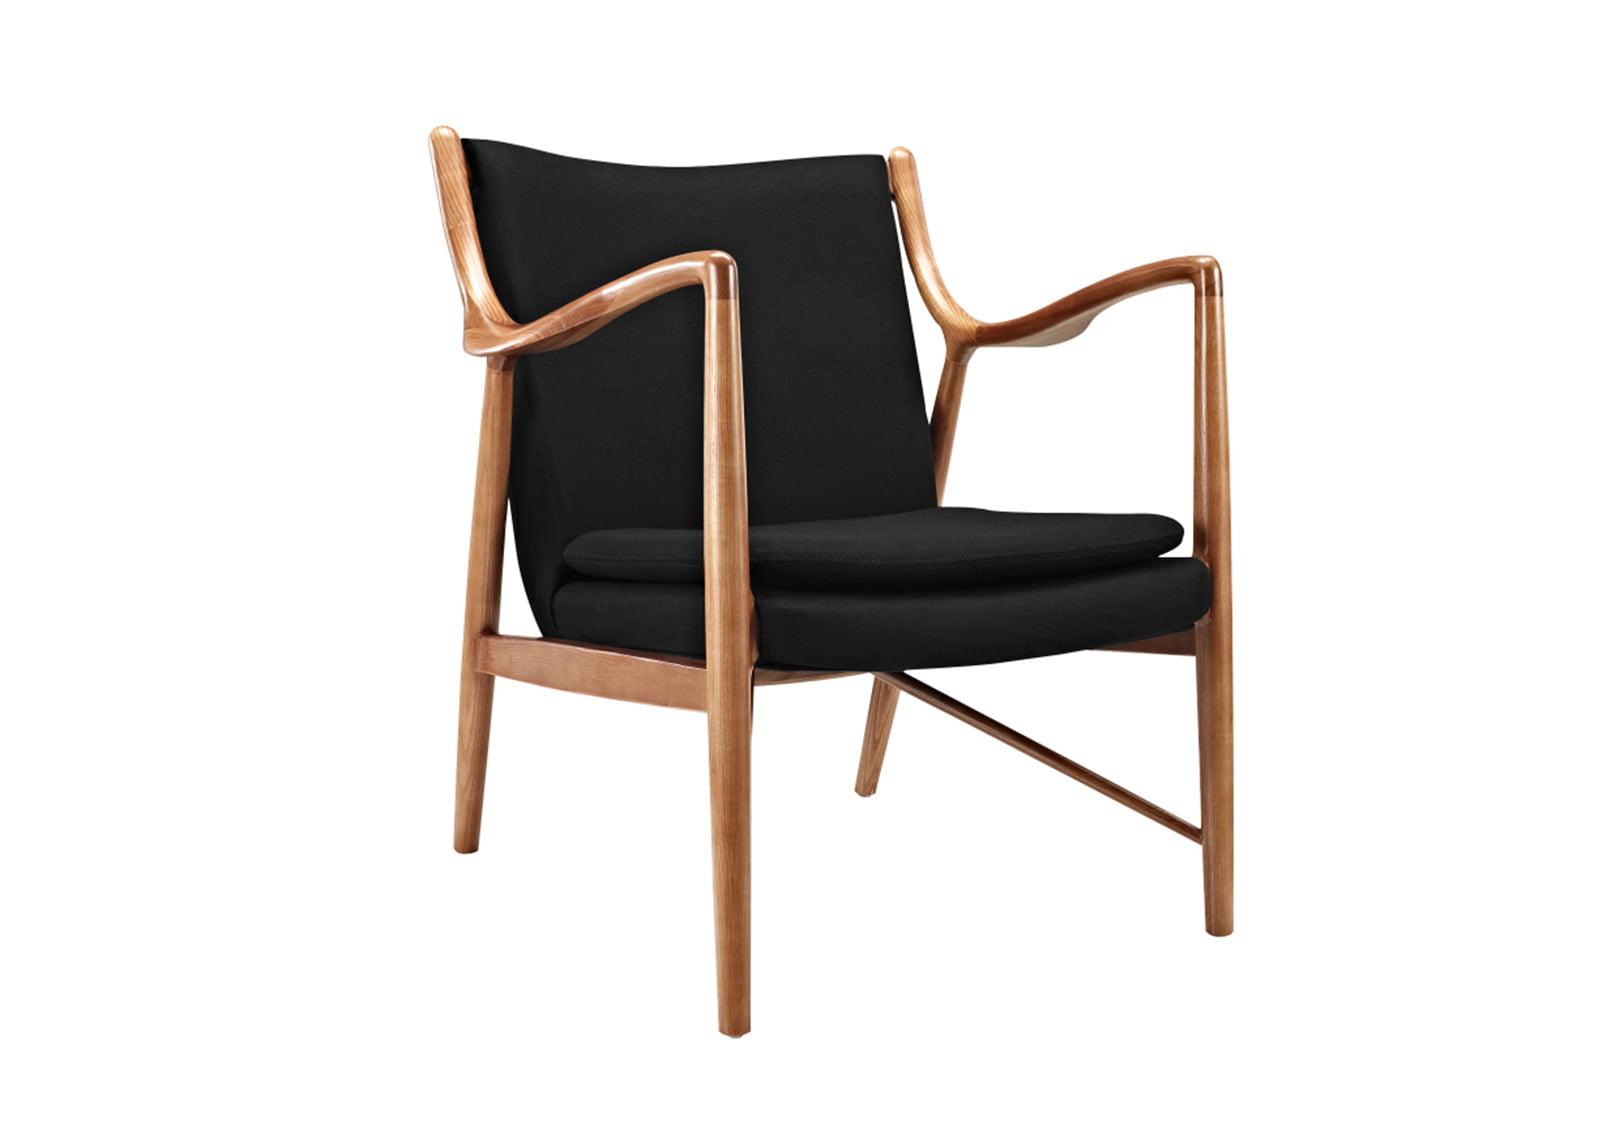 Finn Juhl 45 Lounge Chair | Finn Juhl Style